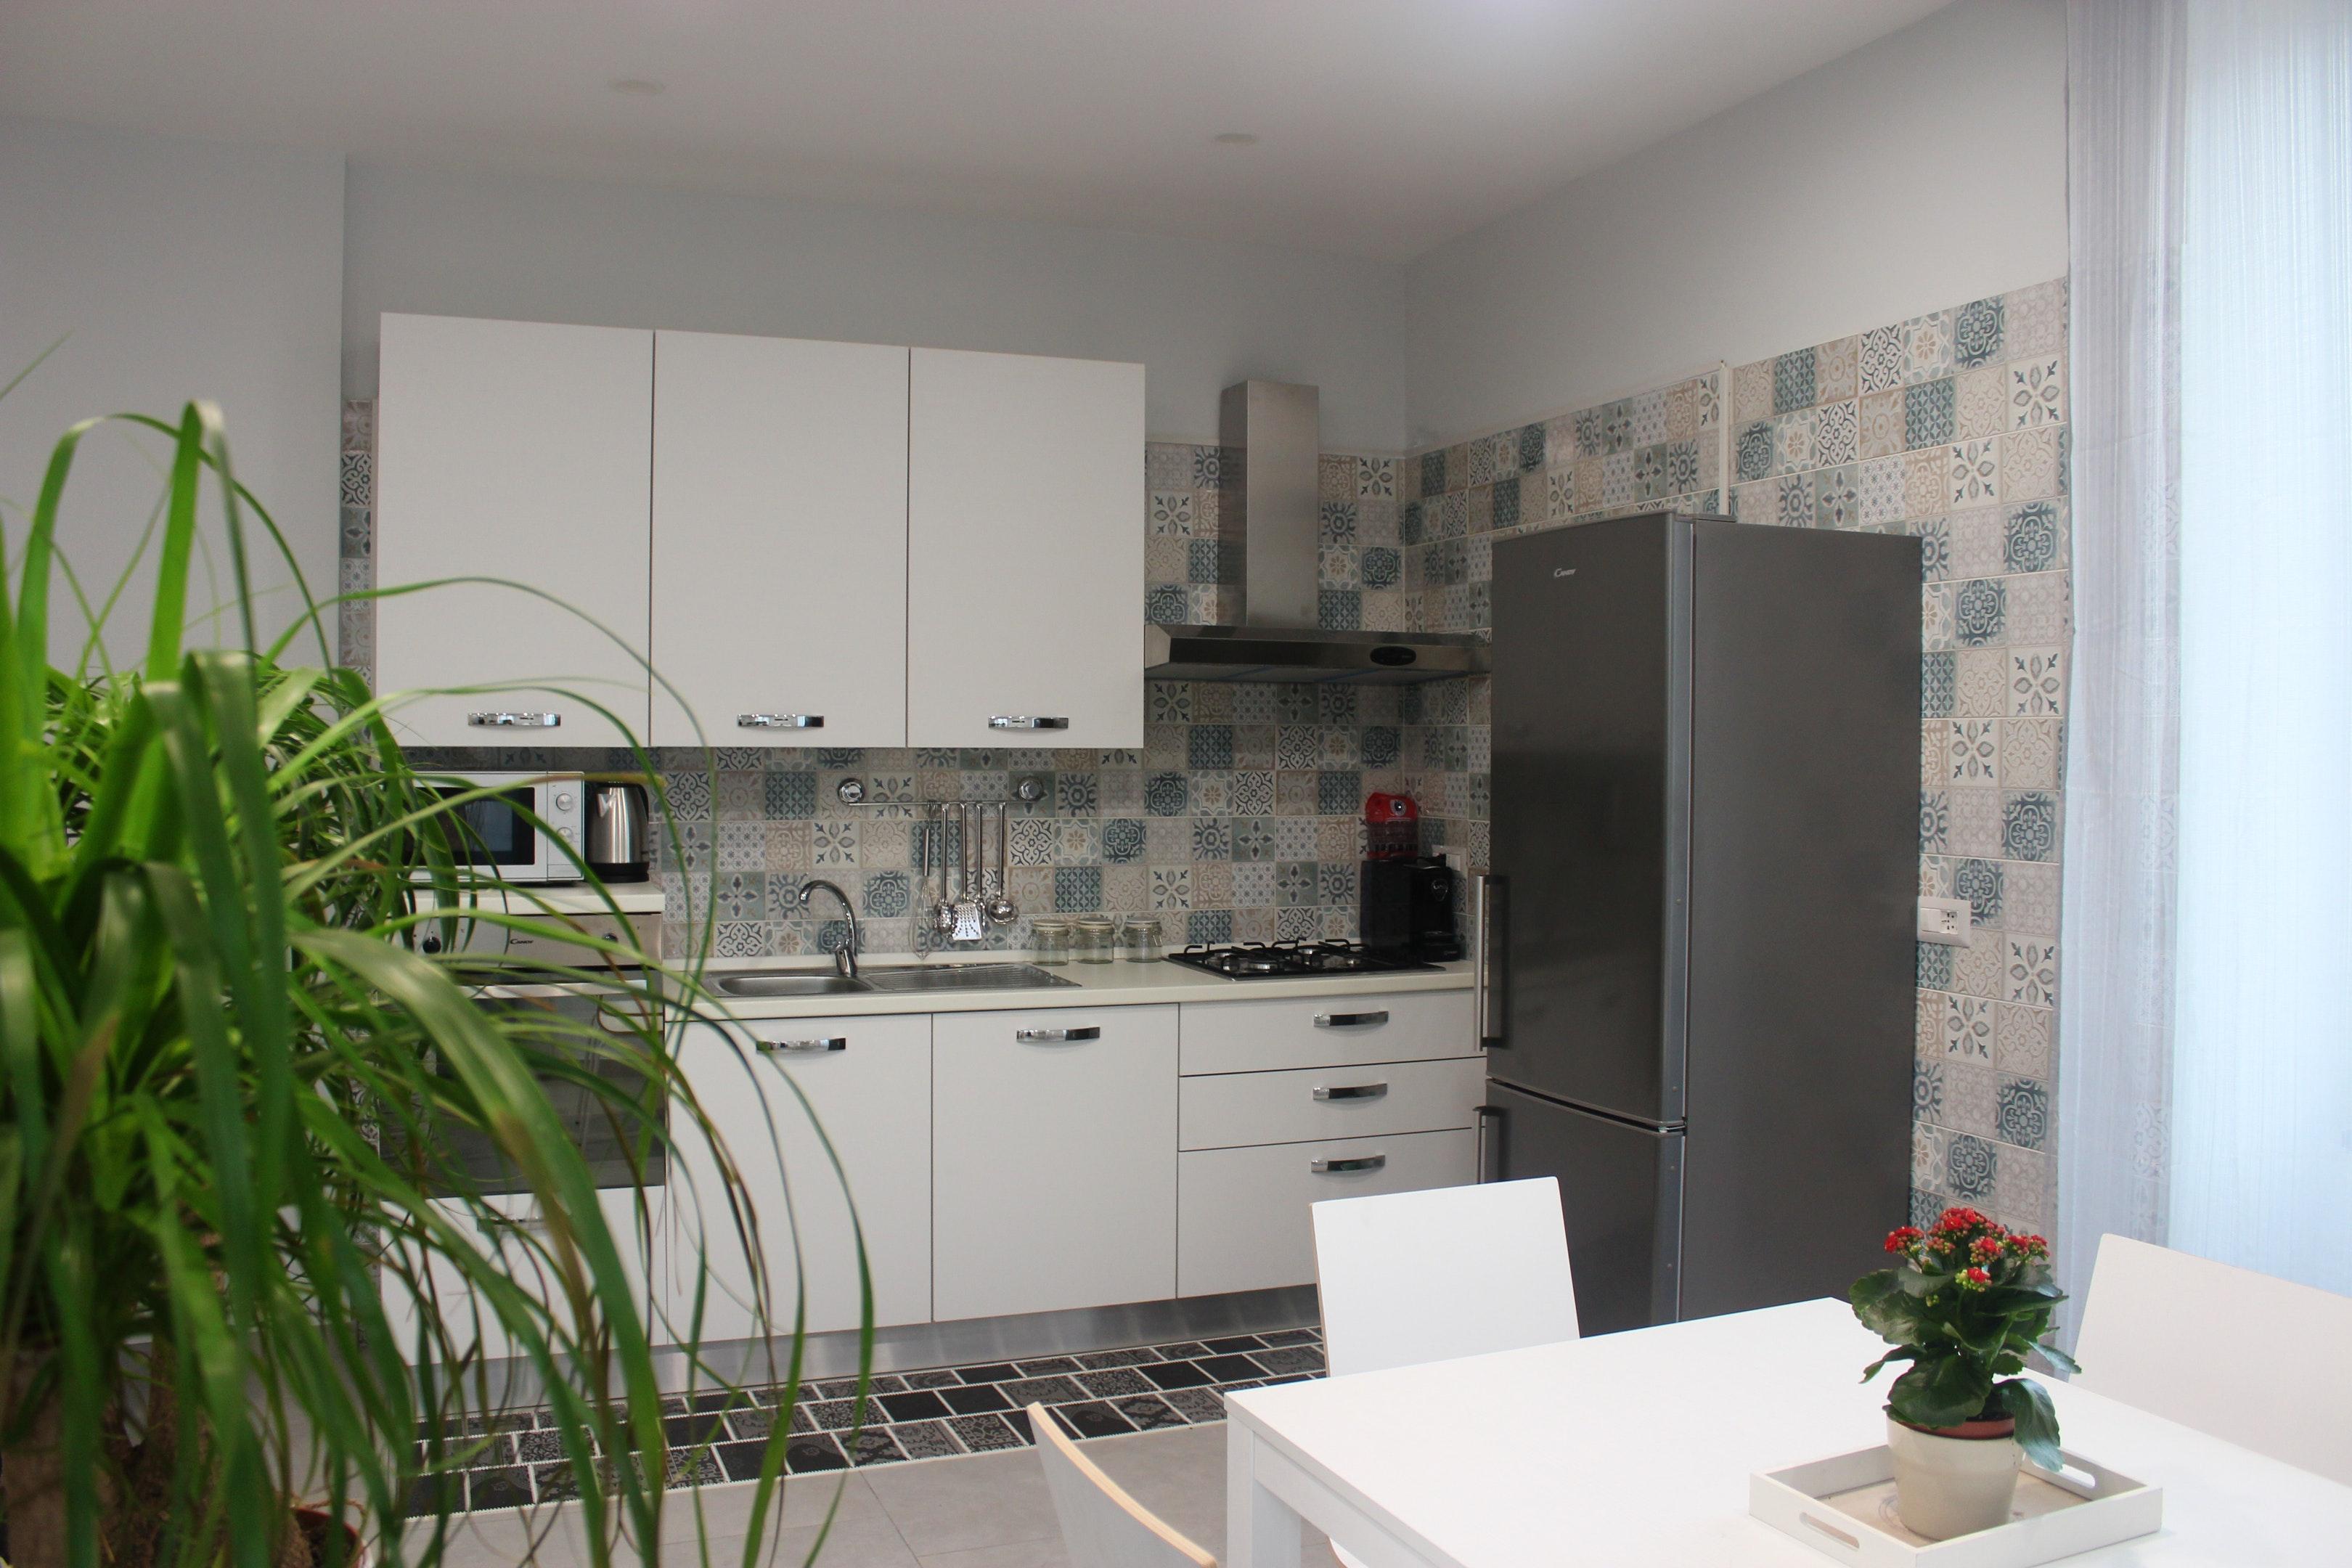 Ferienwohnung Wohnung mit einem Schlafzimmer in Sant'Agnello mit schöner Aussicht auf die Stadt, möblier (2791793), Sant'Agnello, Amalfiküste, Kampanien, Italien, Bild 20